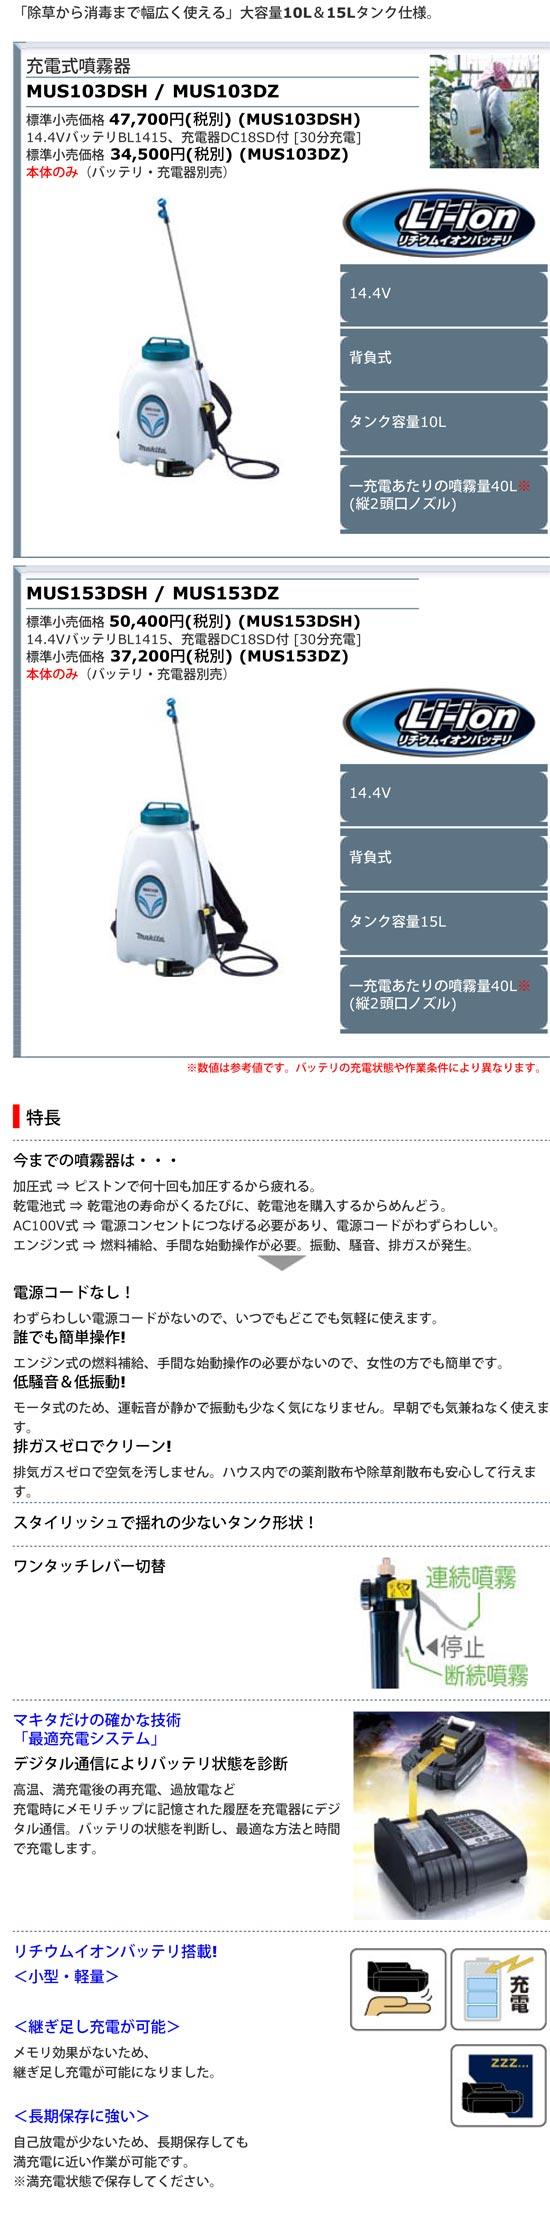 マキタMUS103DSH MUS105DSH 商品詳細説明